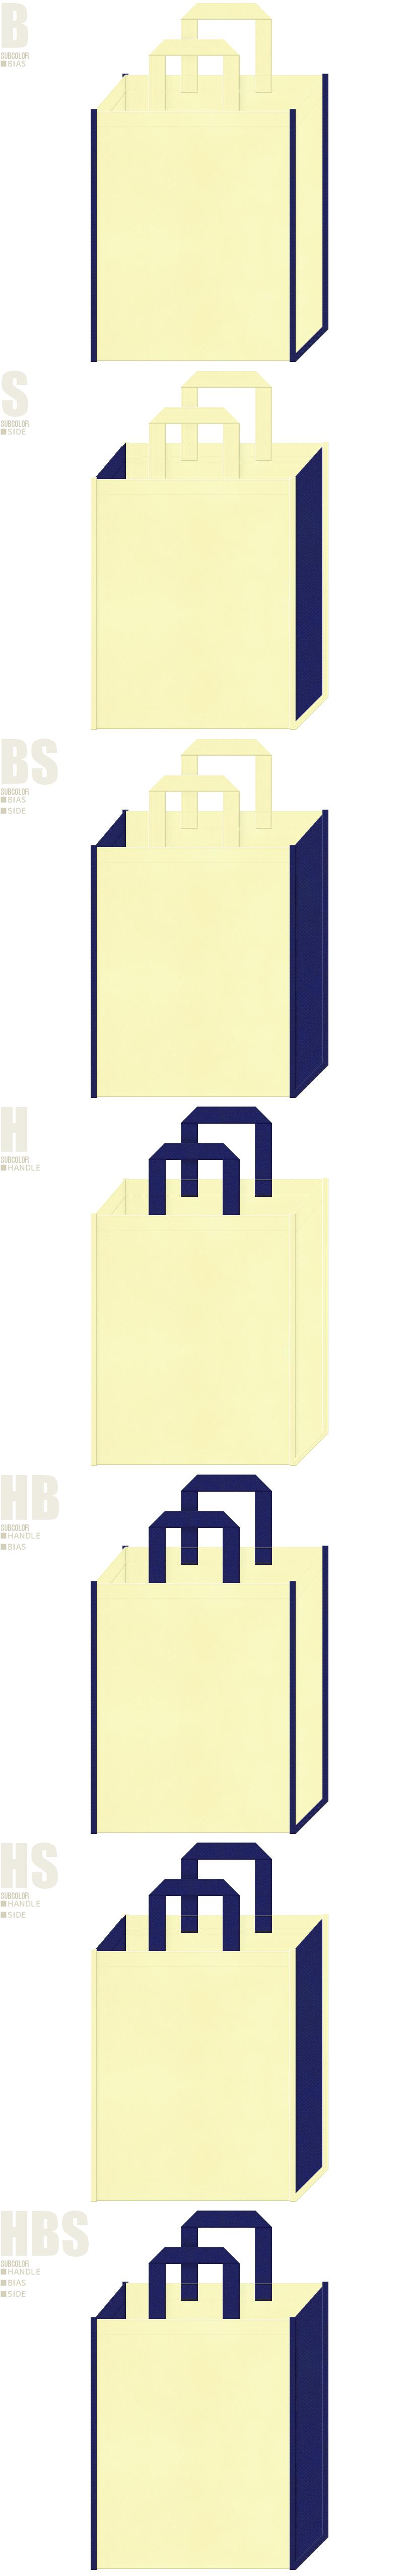 薄黄色と明るめの紺色、7パターンの不織布トートバッグ配色デザイン例。学校・オープンキャンパスにお奨めです。